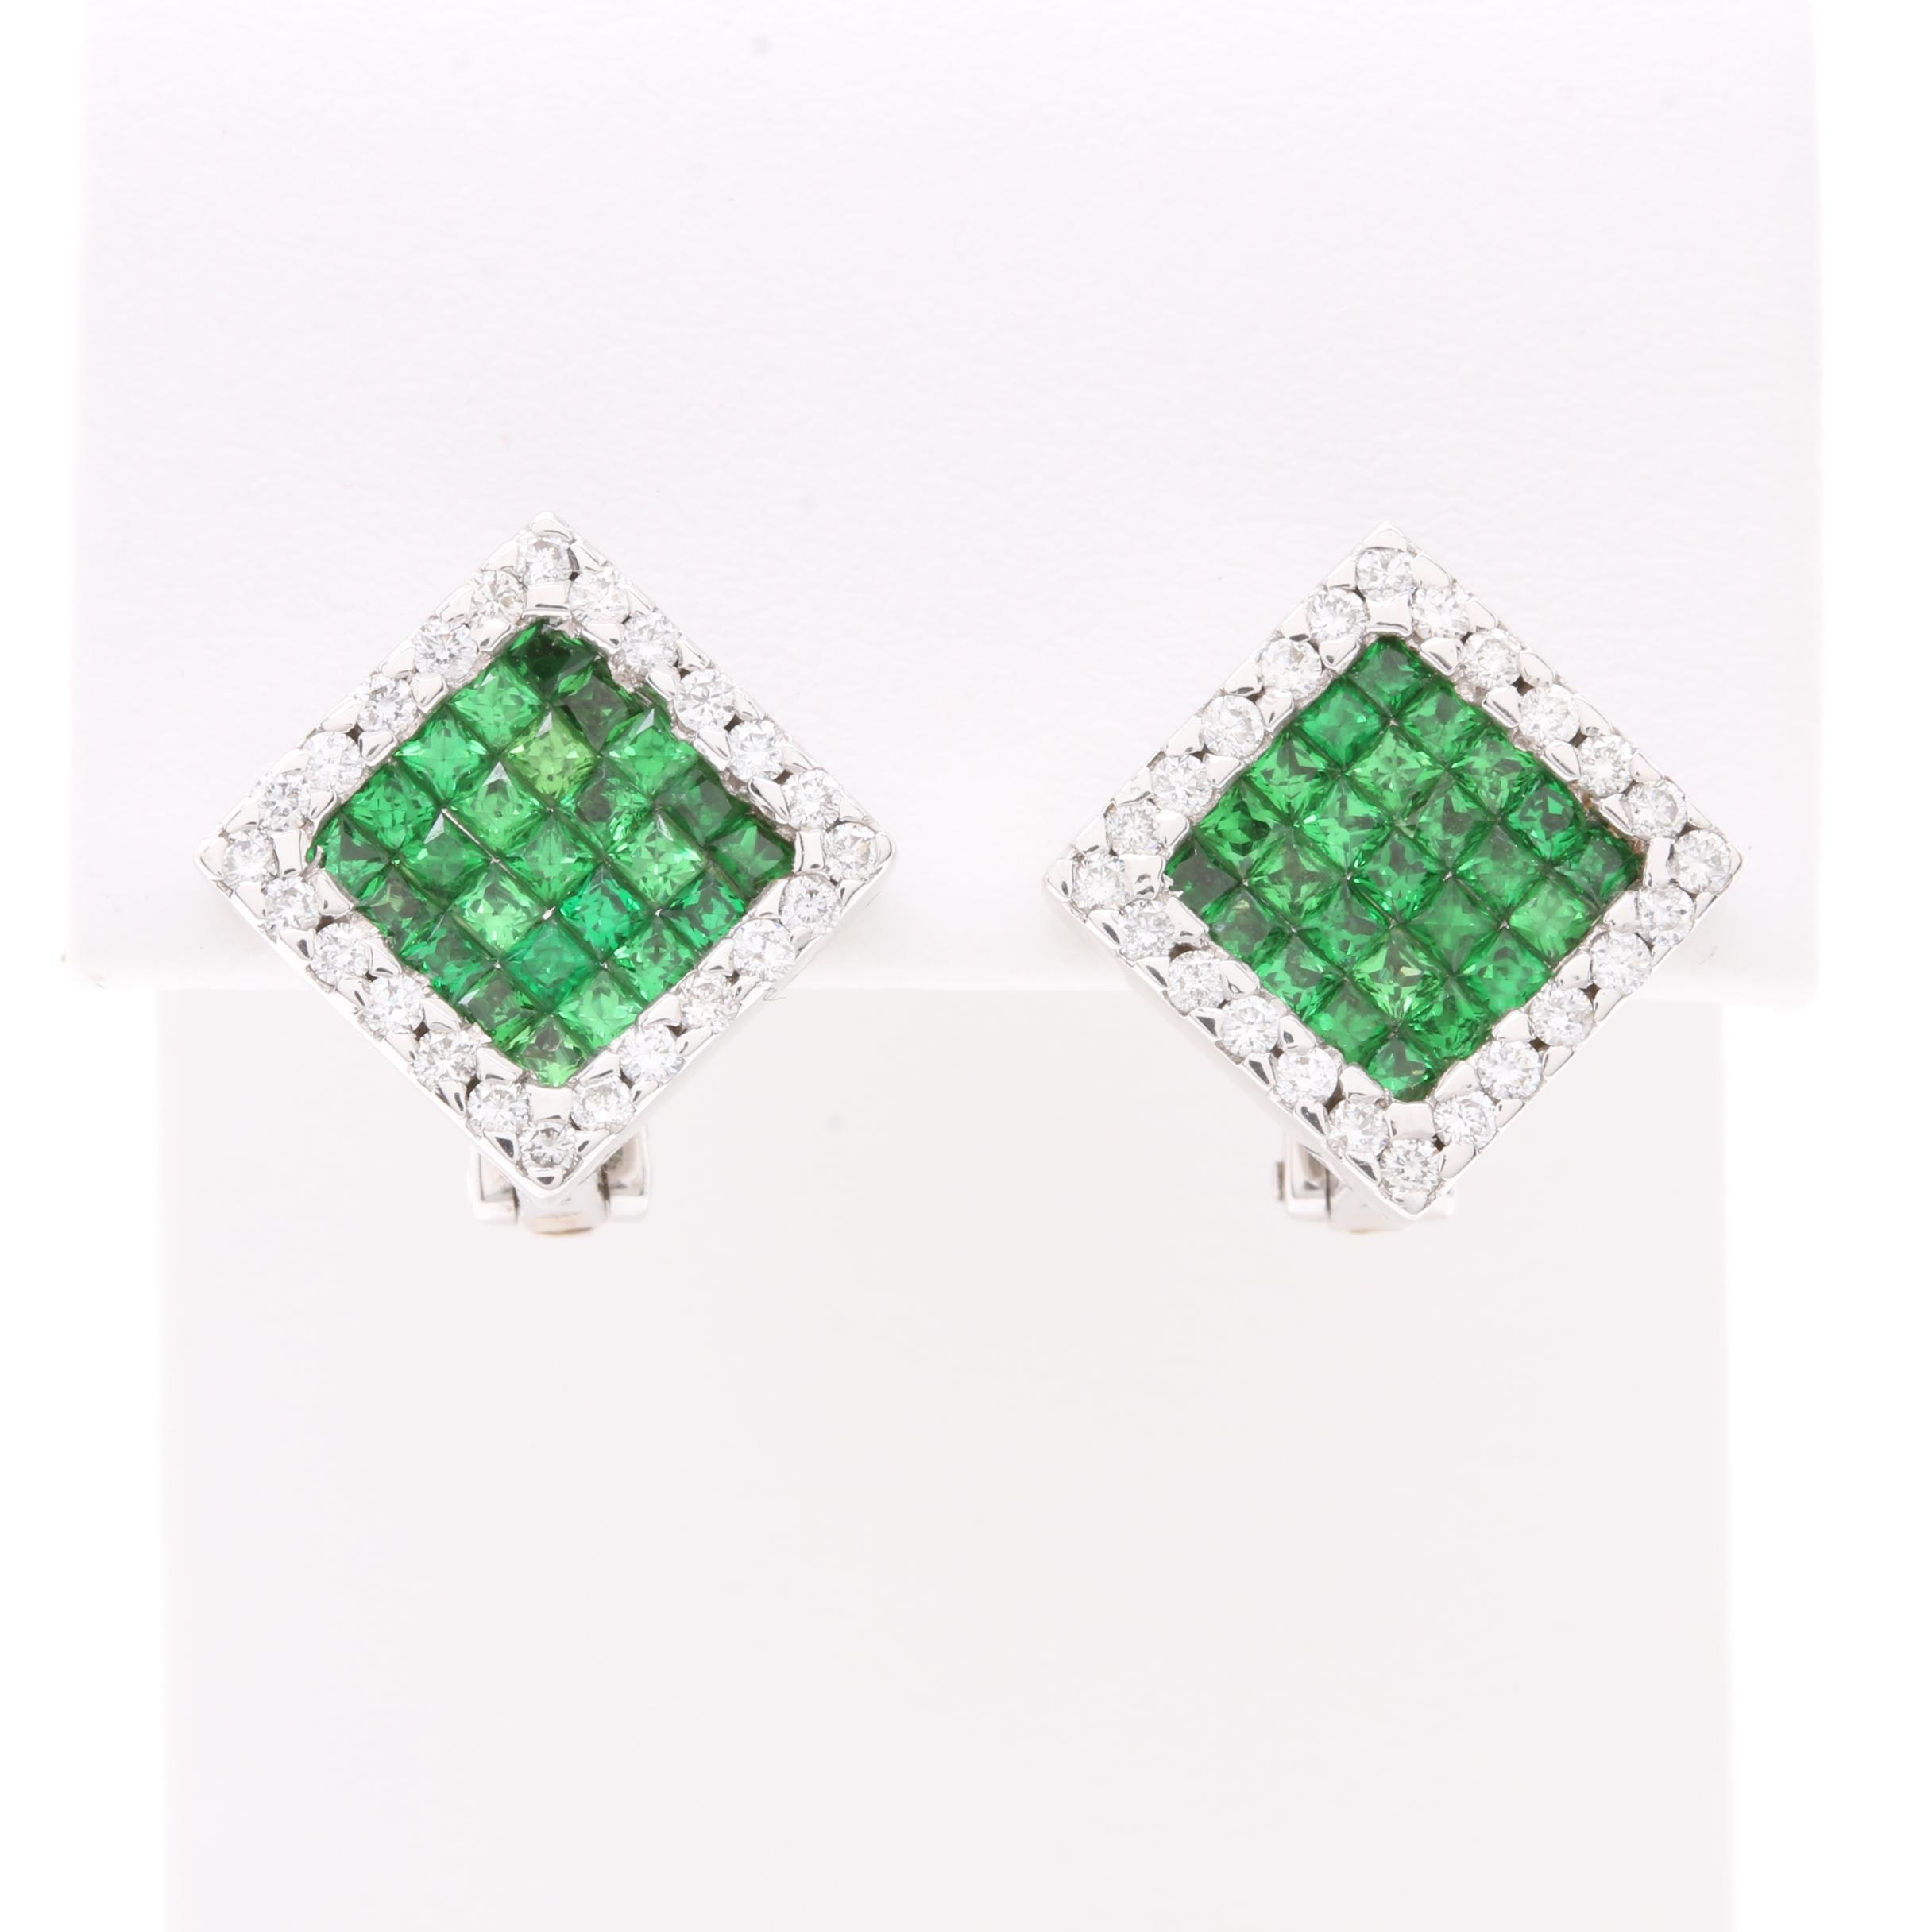 18K White Gold Tsavorite Garnet and Diamond Earrings